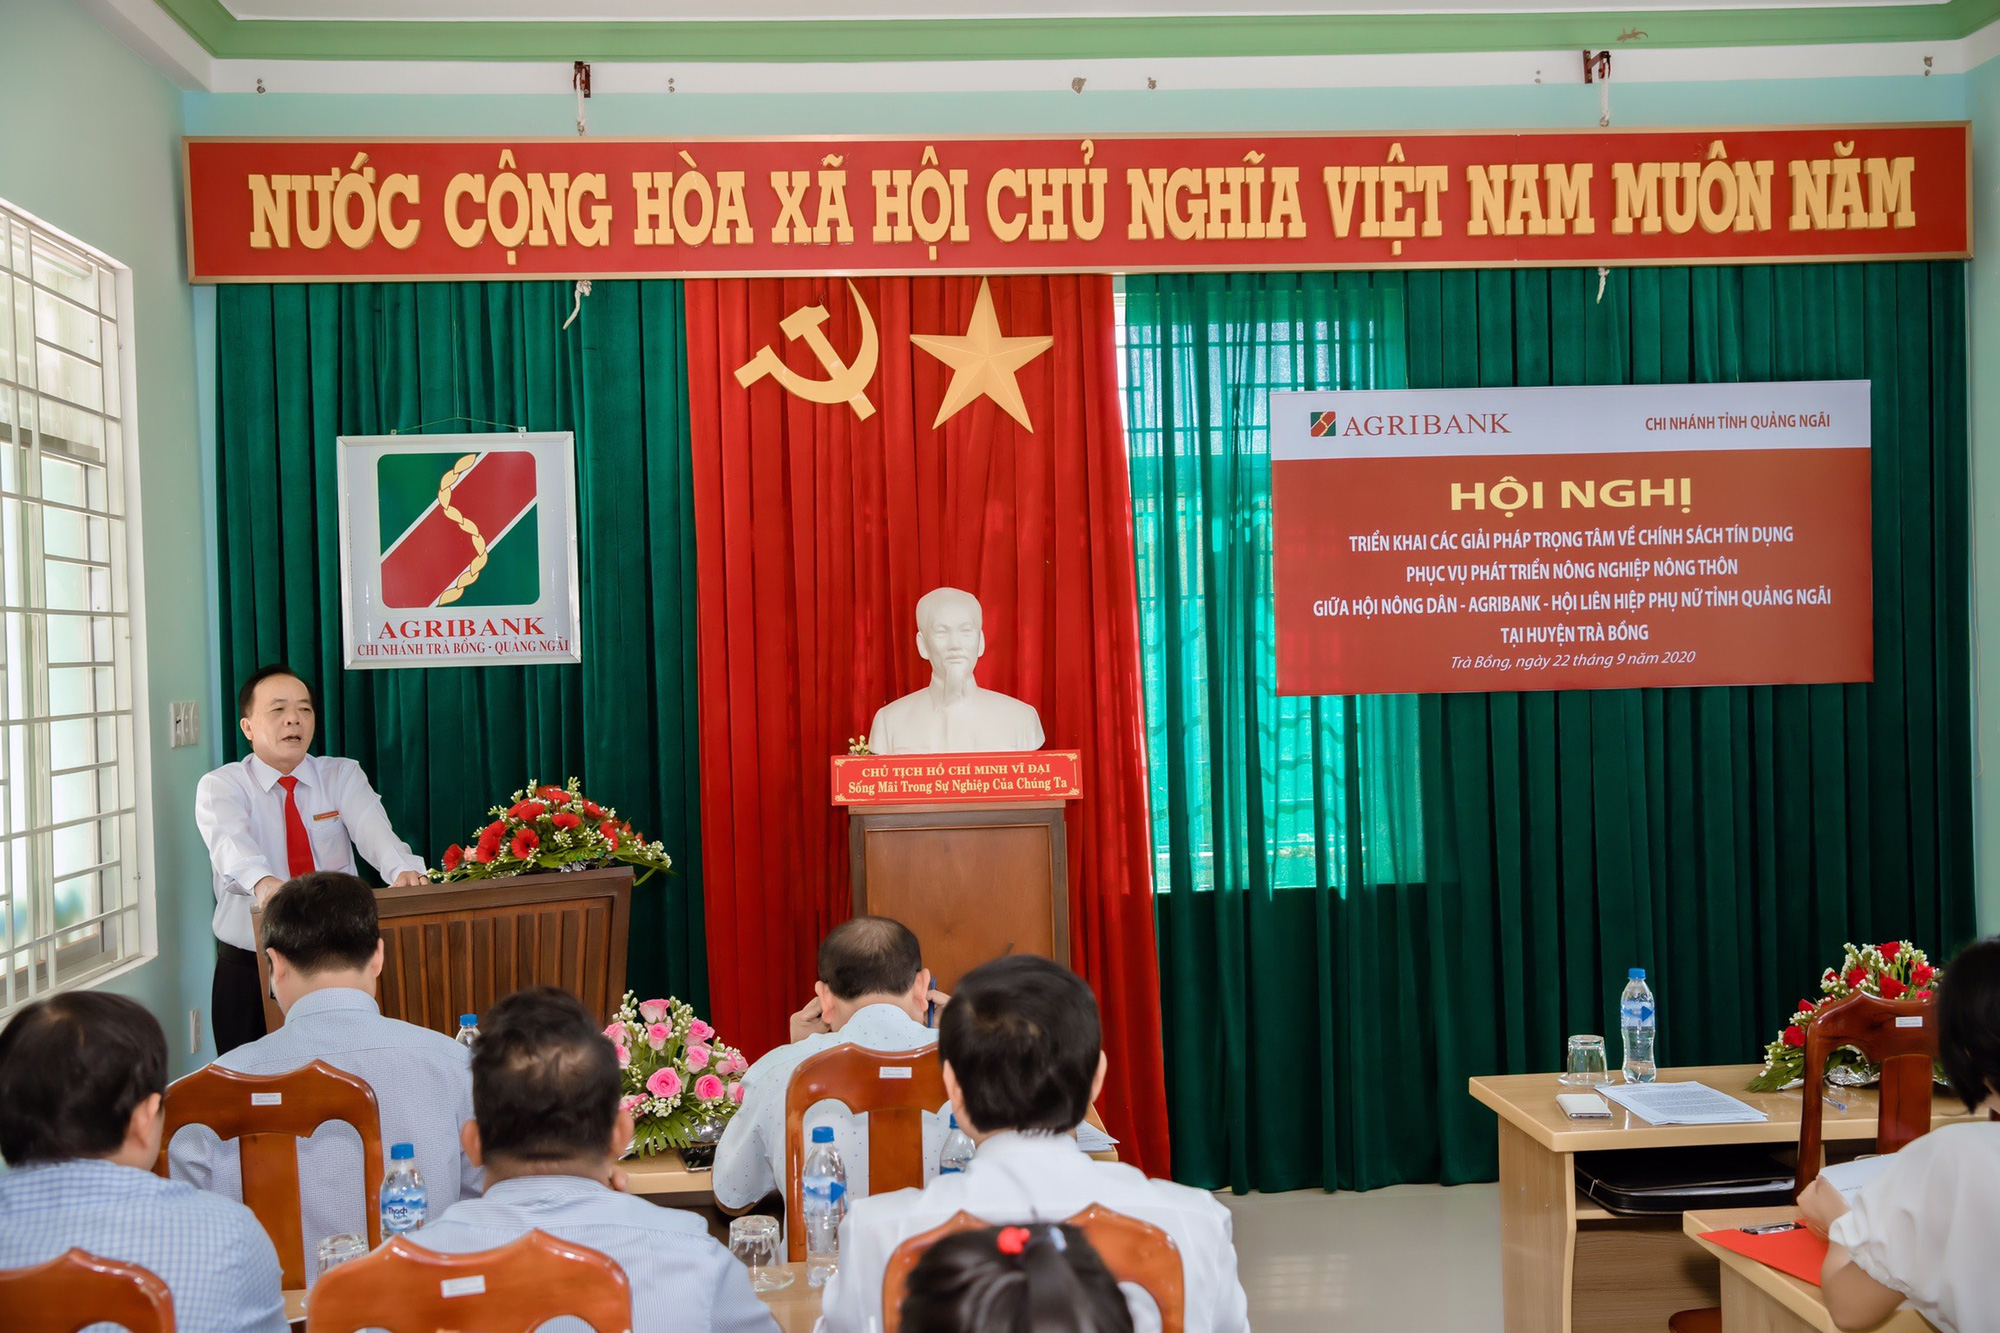 Quảng Ngãi: Hội nghị các giải pháp trọng tâm về chính sách phối hợp giữa Hội nông dân – Agribank – Hội LHPN  - Ảnh 1.